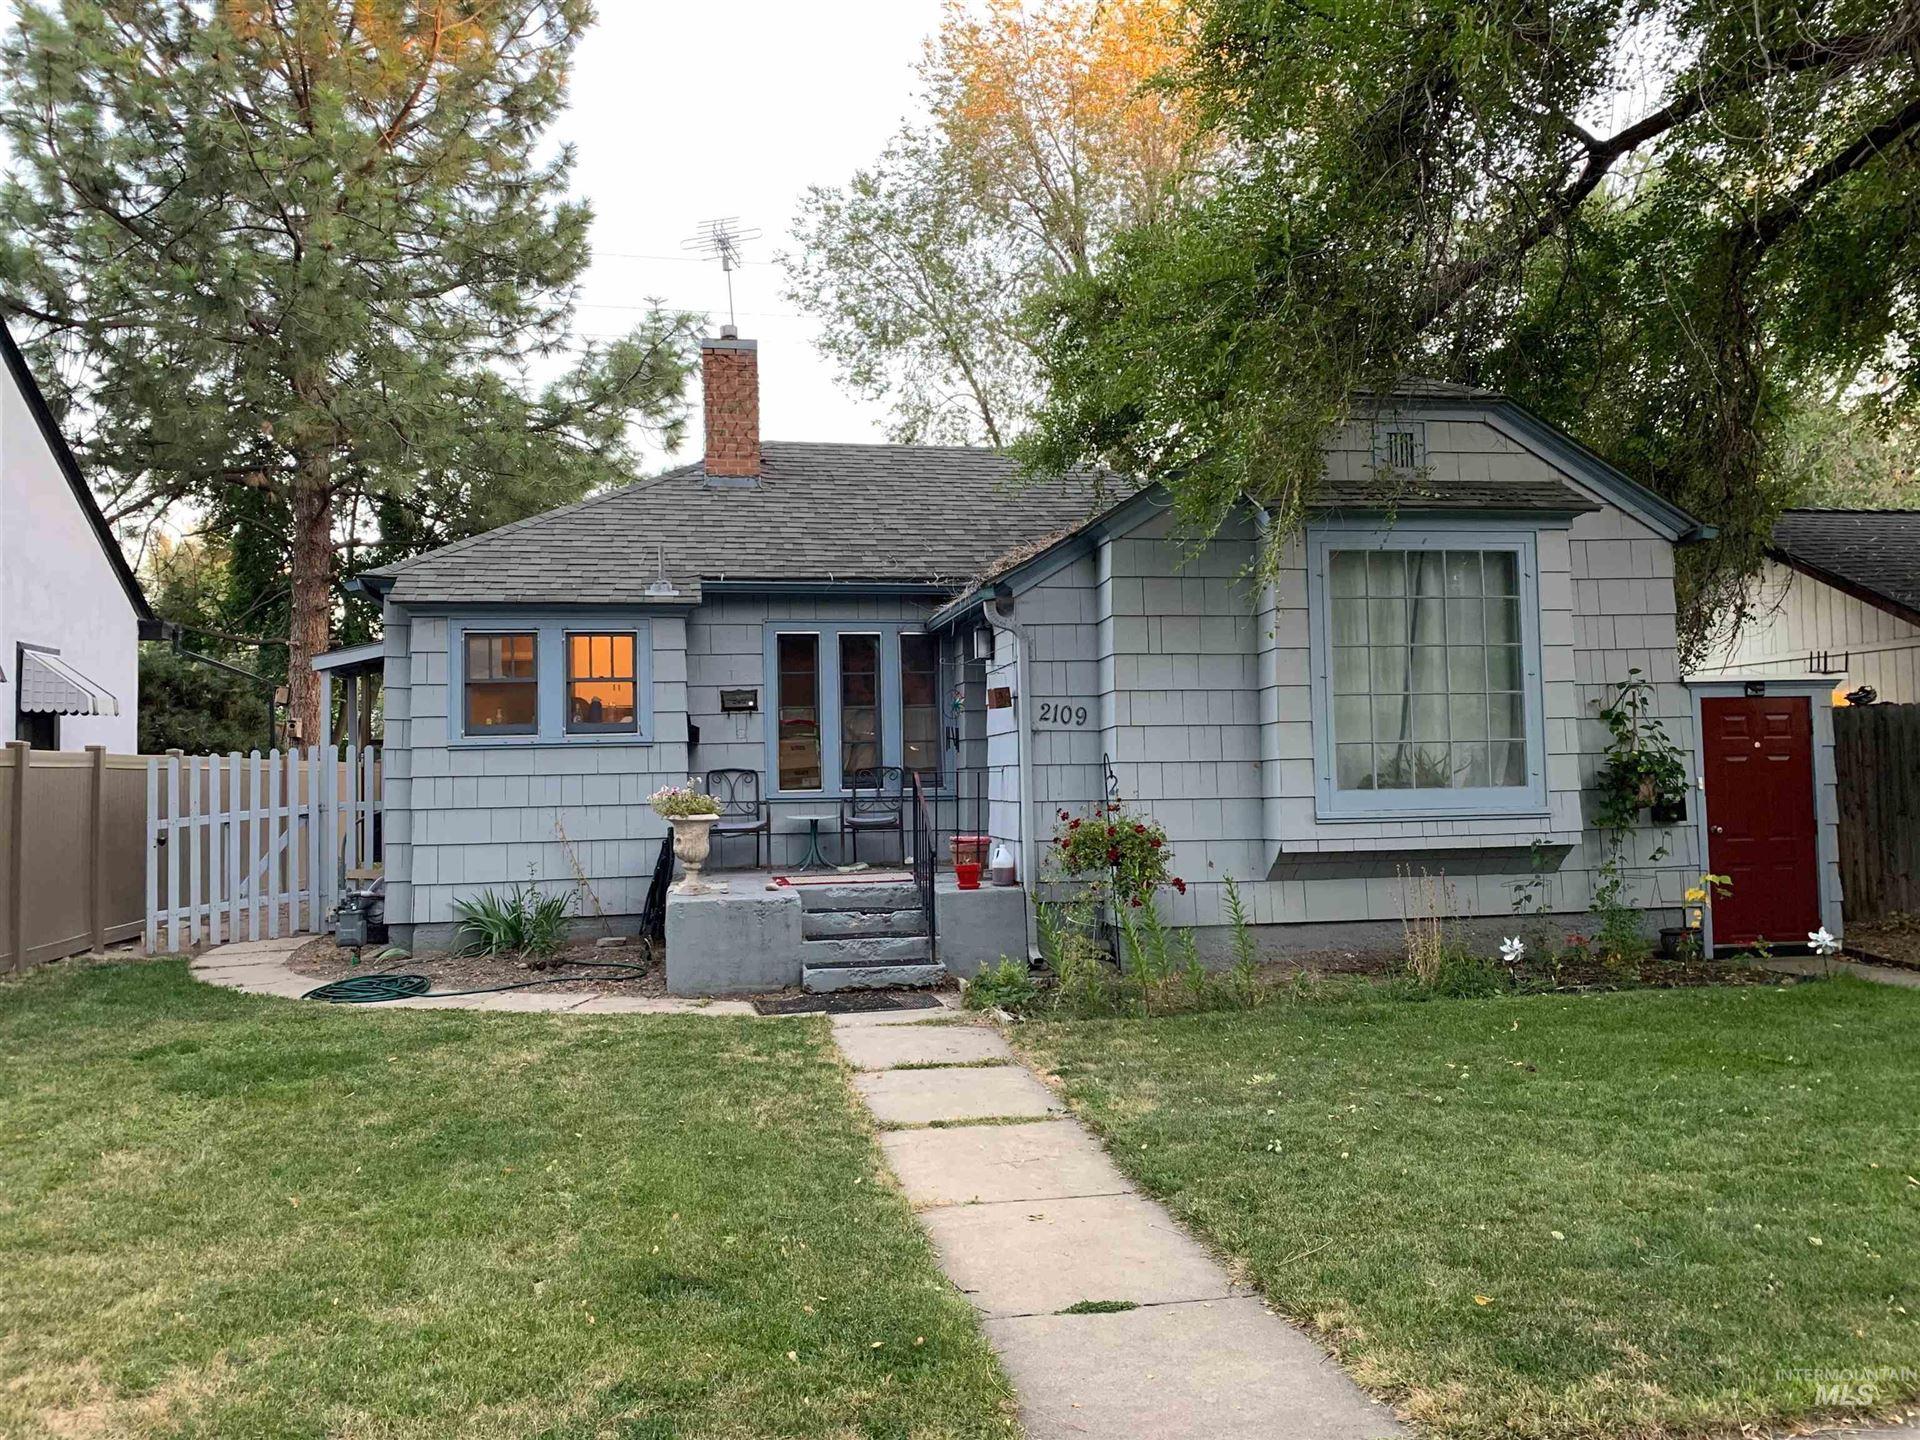 2109 W Jefferson St, Boise, ID 83702 - MLS#: 98820379